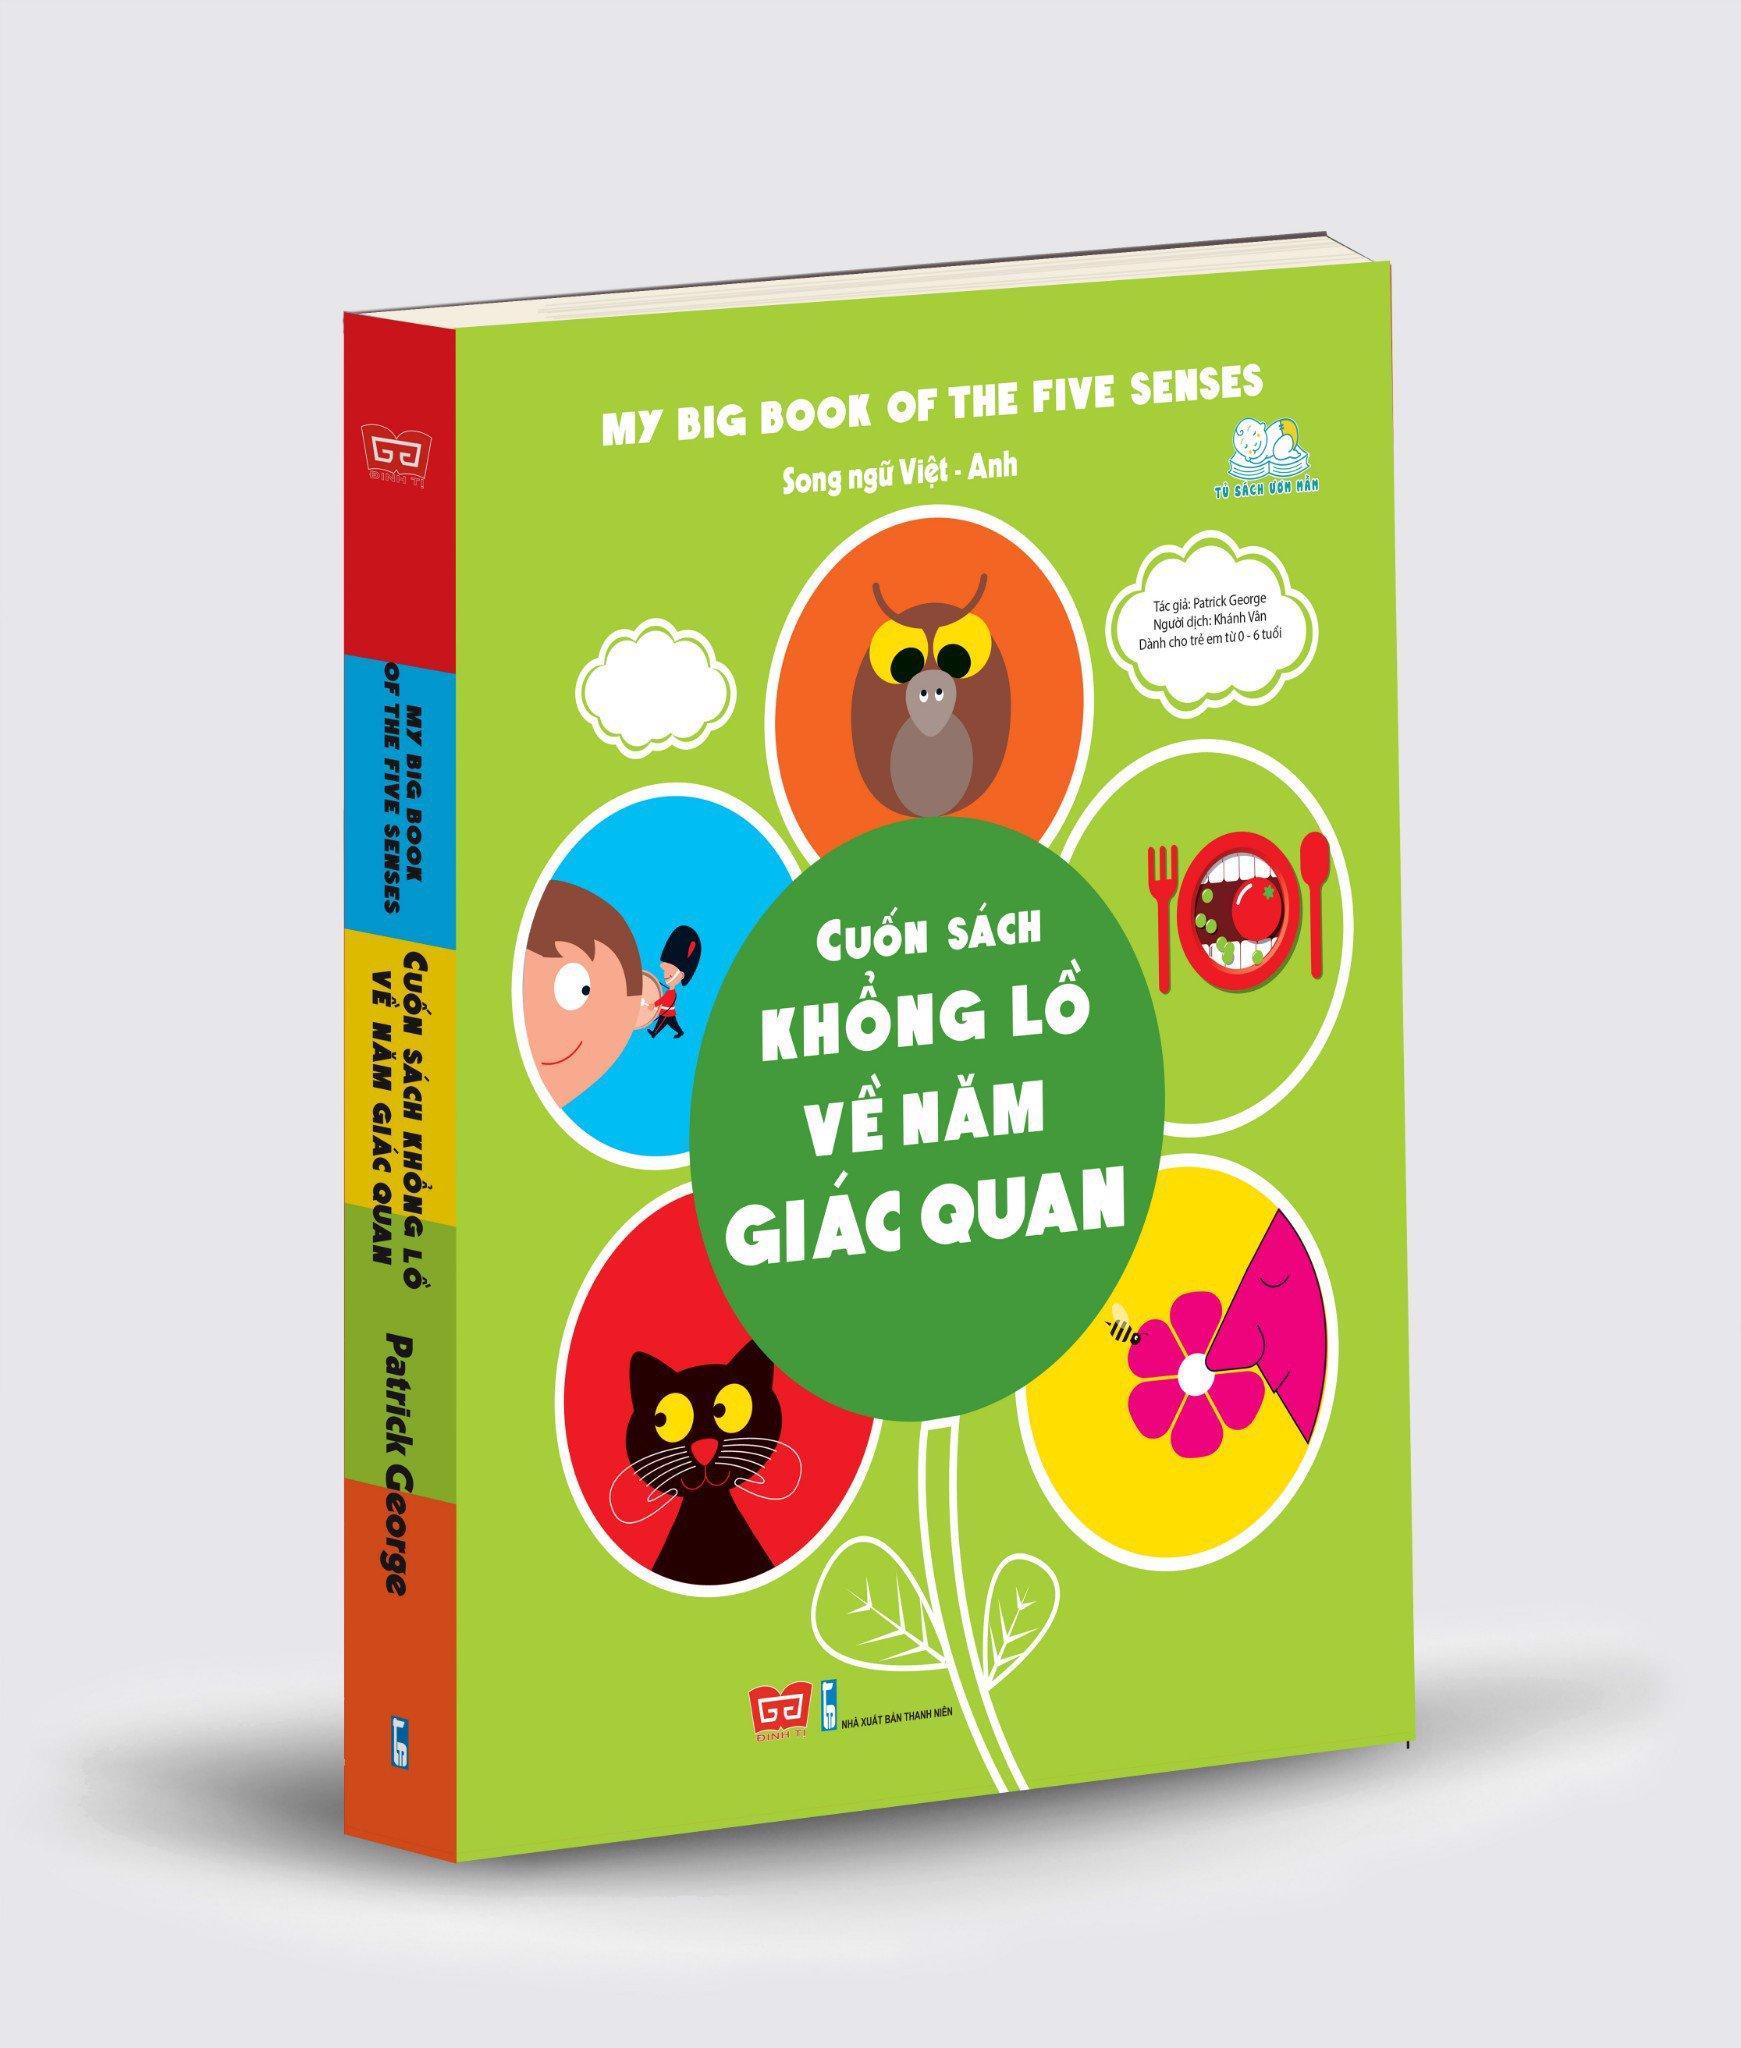 Mua Sách - Cuốn Sách Khổng Lồ Về Năm Giác Quan (My Big Book Of The Five Senses)